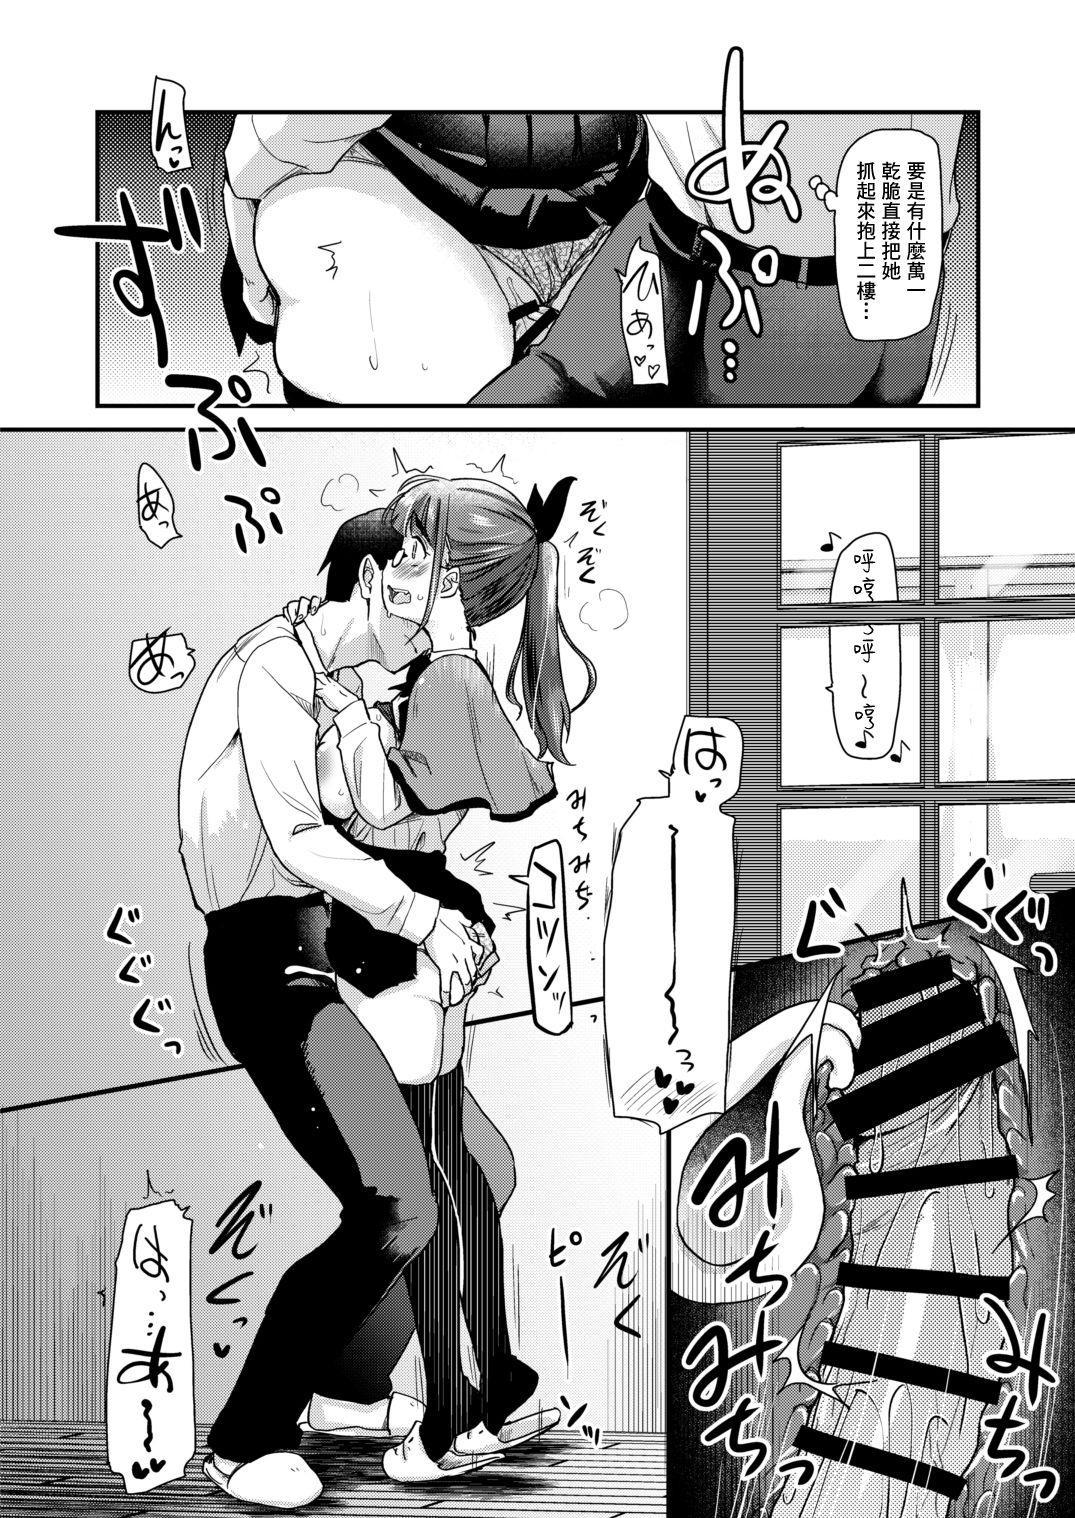 Otouto no Seiyoku Shori wa, Ane ga Suru Mono da to Onee-chan wa Omotte iru. | 弟弟的性慾處理是姊姊的義務,我的繼姊覺得這樣理所當然。 13